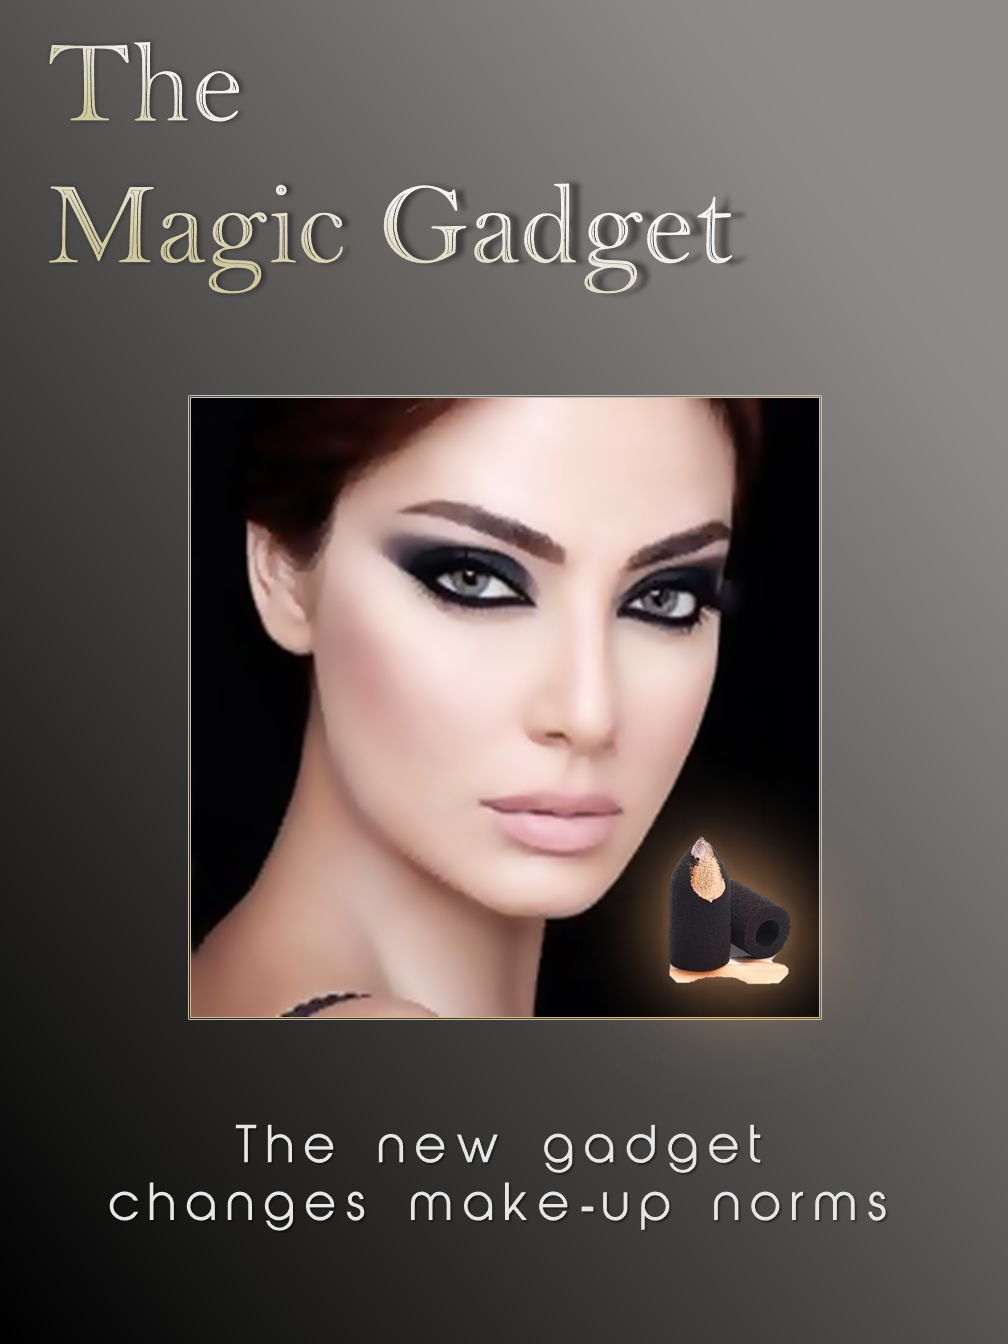 The Magic Gadget